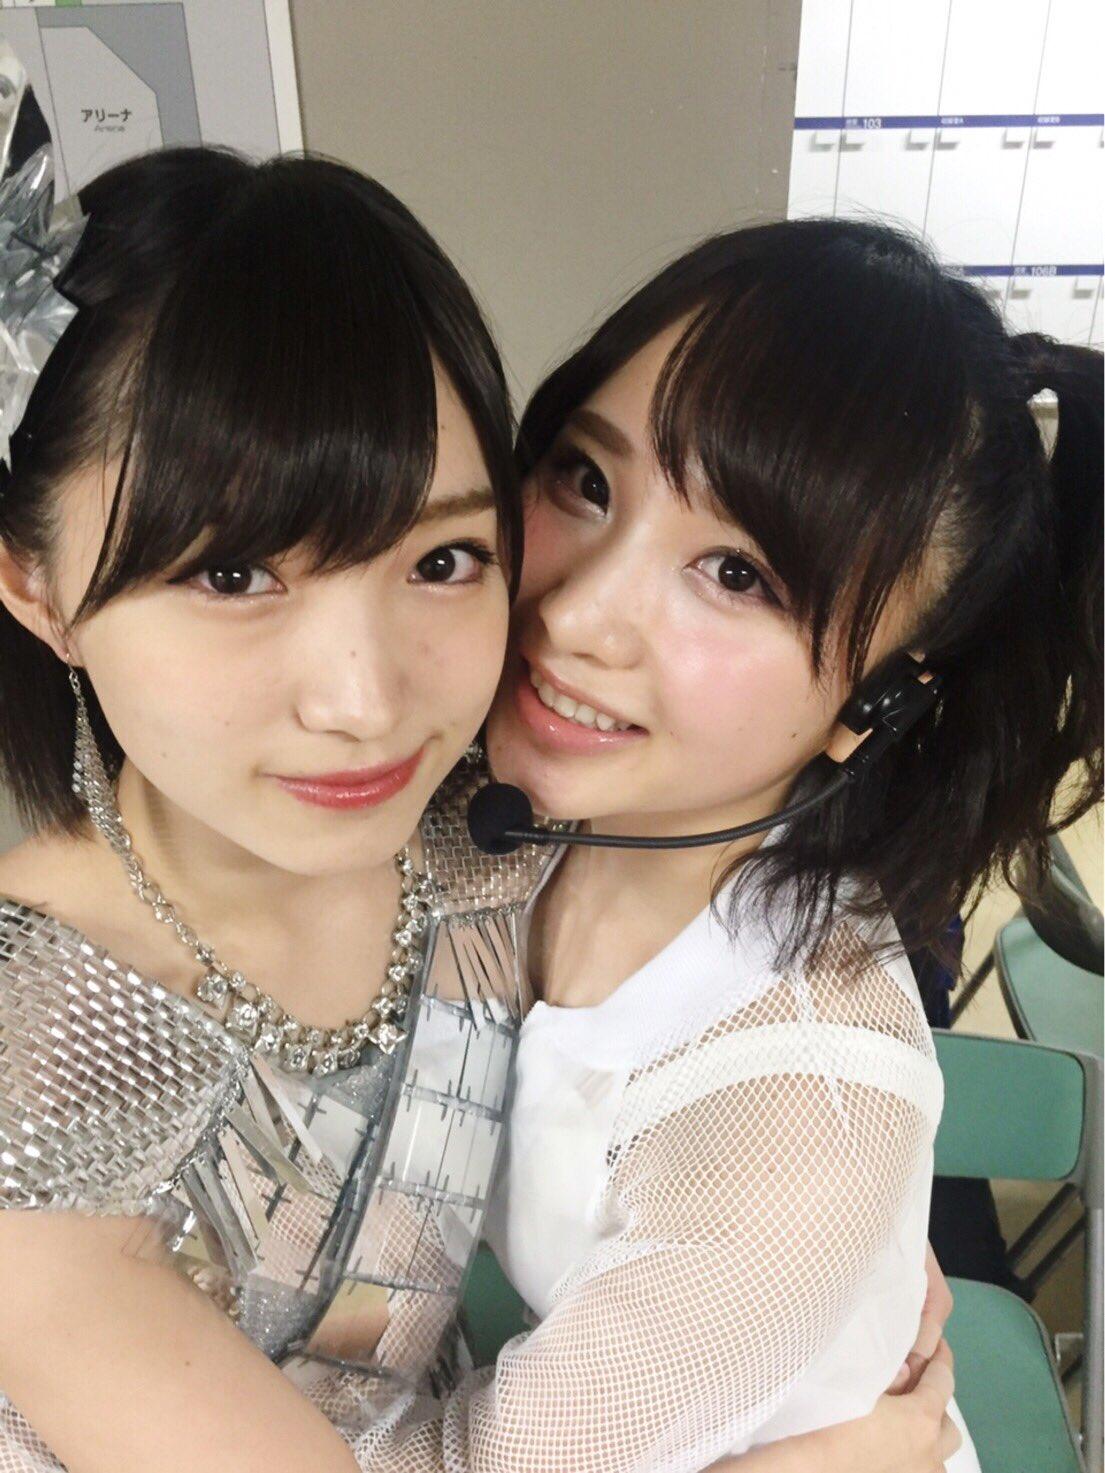 太田夢莉:地下帝国-AKB48まとめ